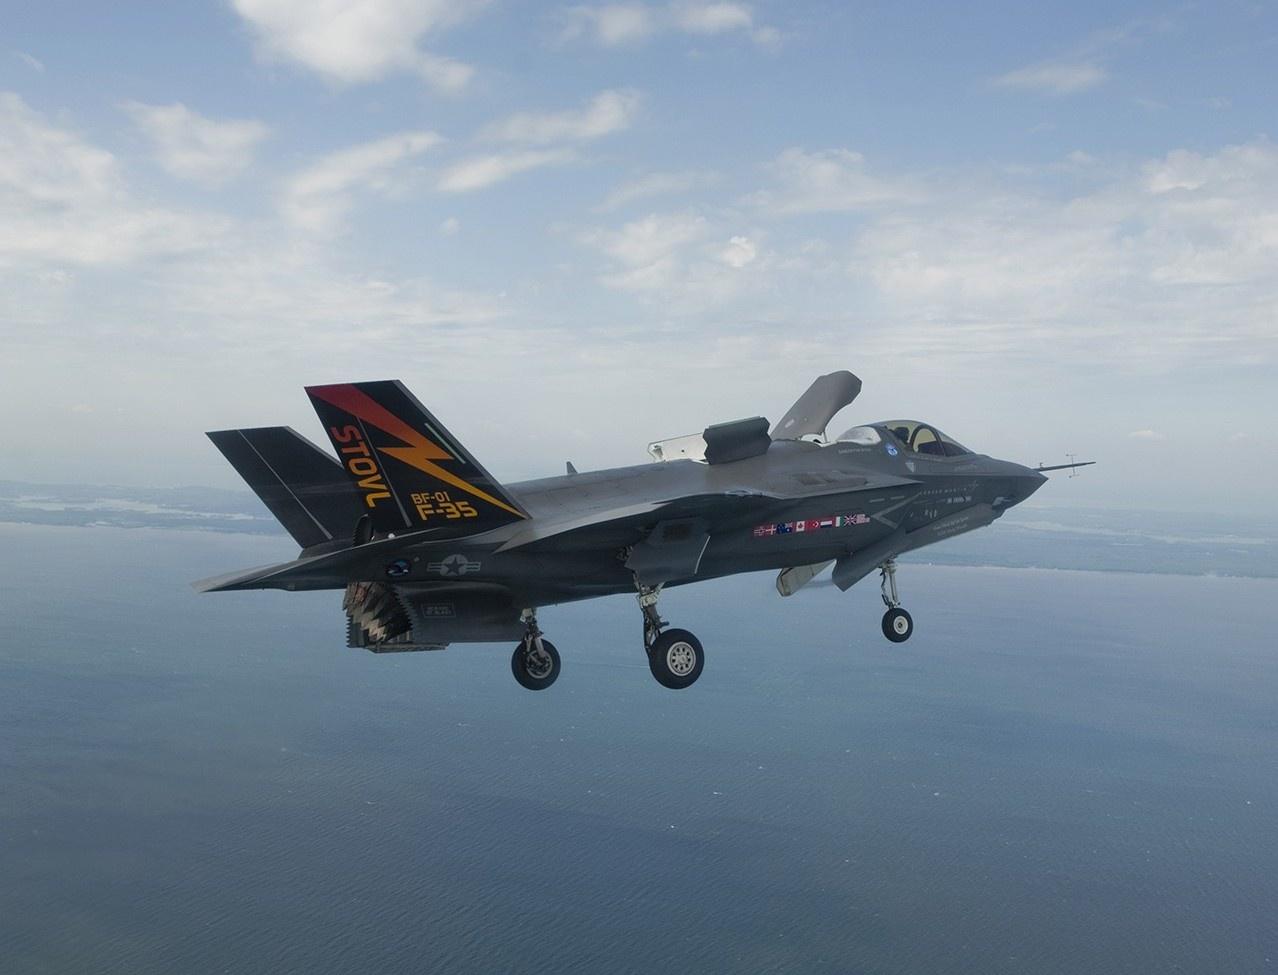 Самолёт F-35B STOVL(с укороченным взлётом и вертикальной посадкой) будет иметь эксплуатационный ресурс равный 2.100 лётным часам, вместо 9.000 заявленных.